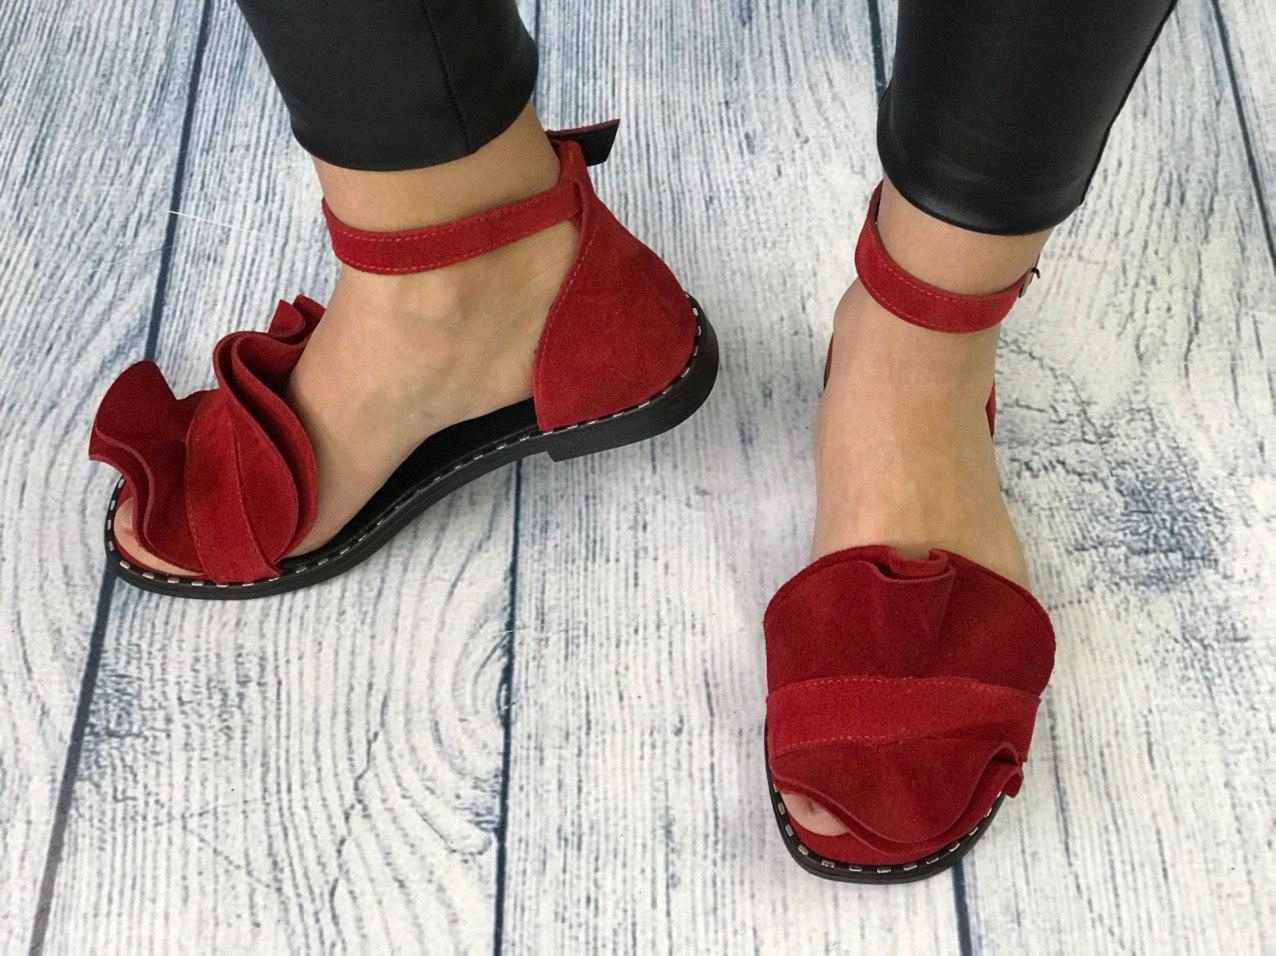 Замшевые босоножки 1 см каблук, кожа или замша пошив с рюшечкой размеры 36-41